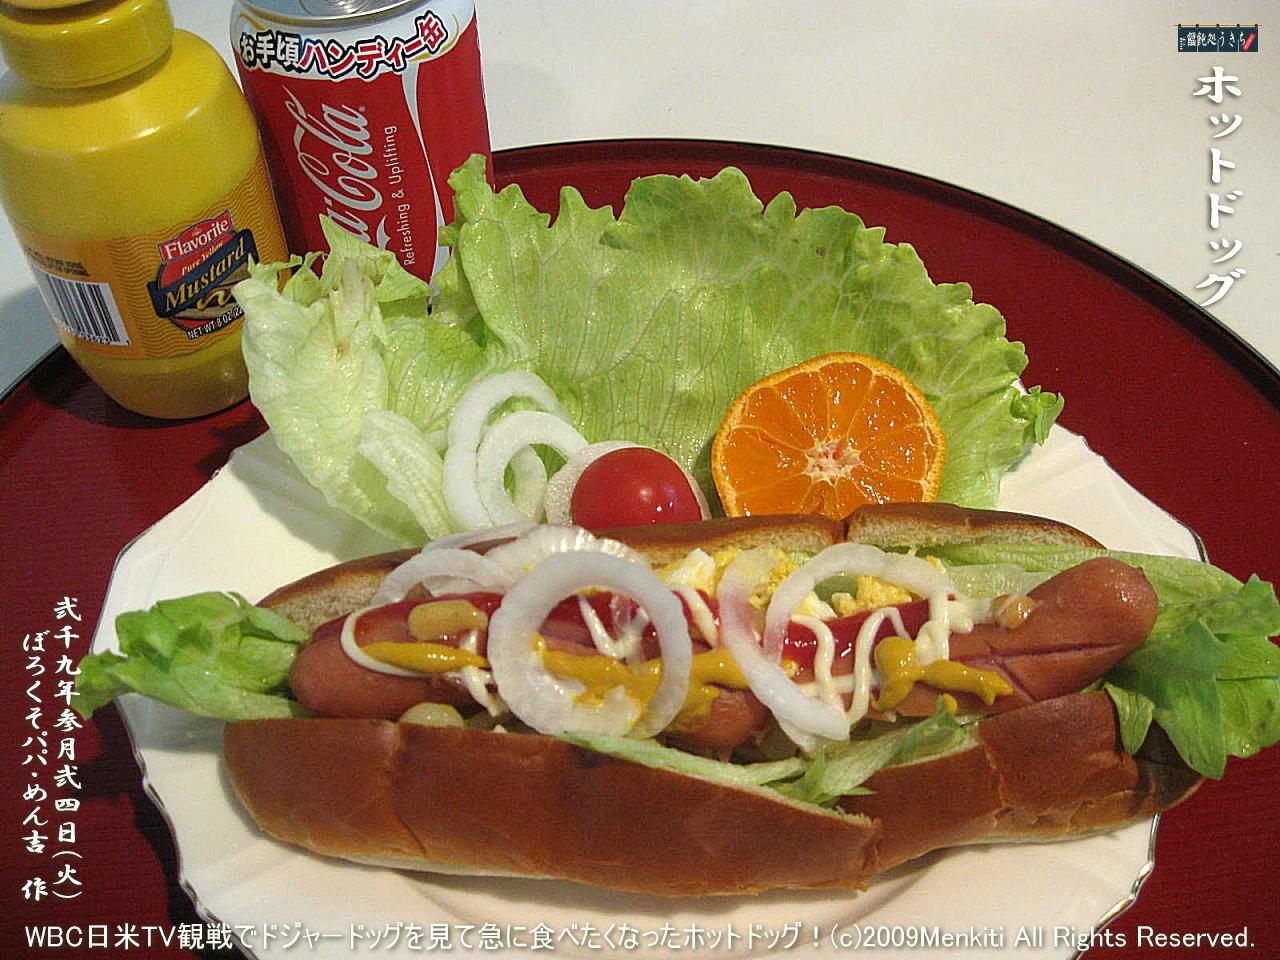 3/24(火)【ホットドッグ】WBC日米TV観戦でドジャードッグを見て急に食べたくなったホットドッグ!@キャツピ&めん吉の【ぼろくそパパの独り言】    ▼クリックで1280x960pxlsに拡大します。